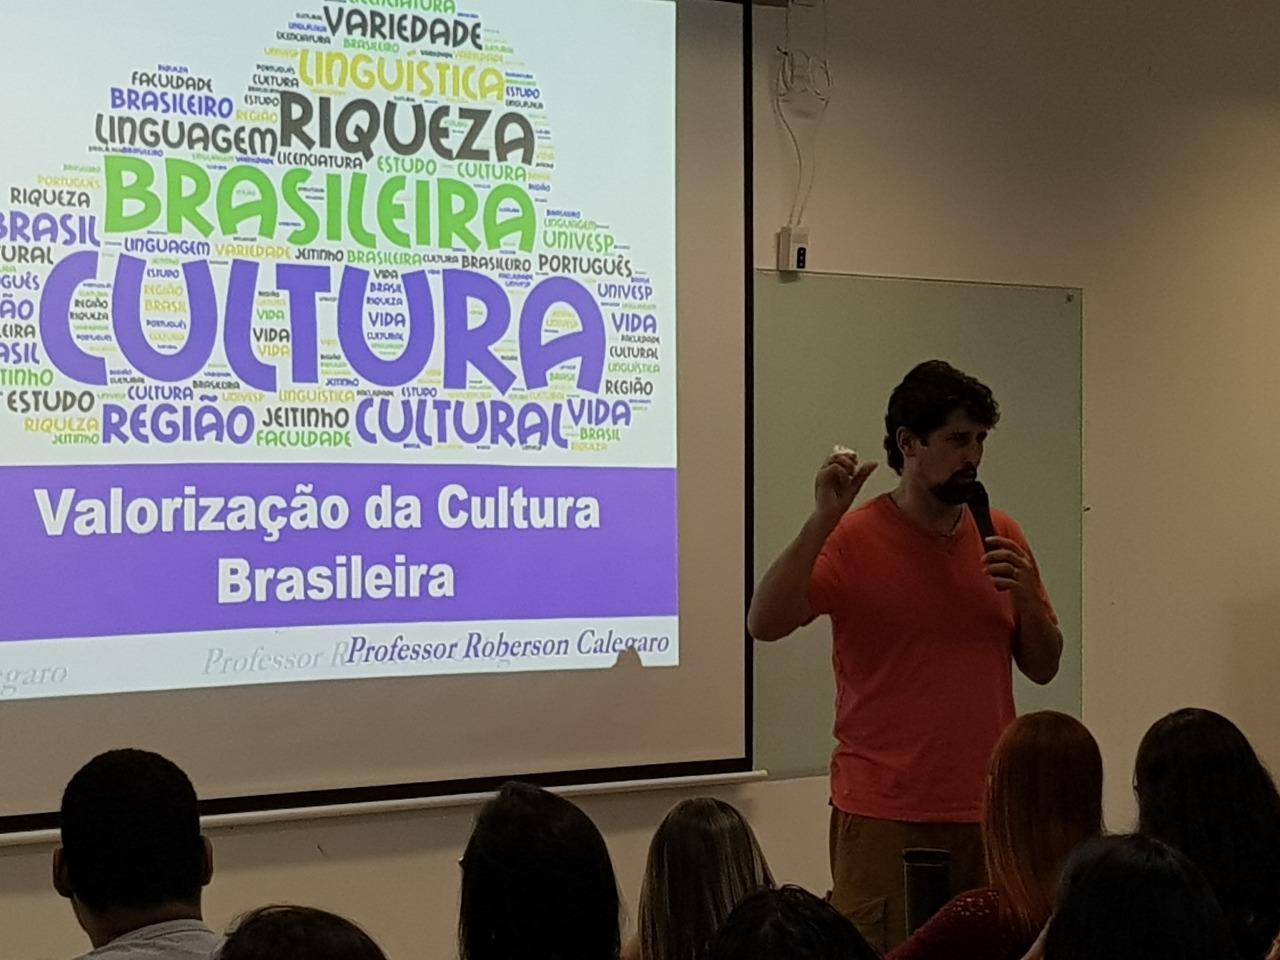 Palestra Profe Roberson Calegaro - Valorização da Cultura Brasileira